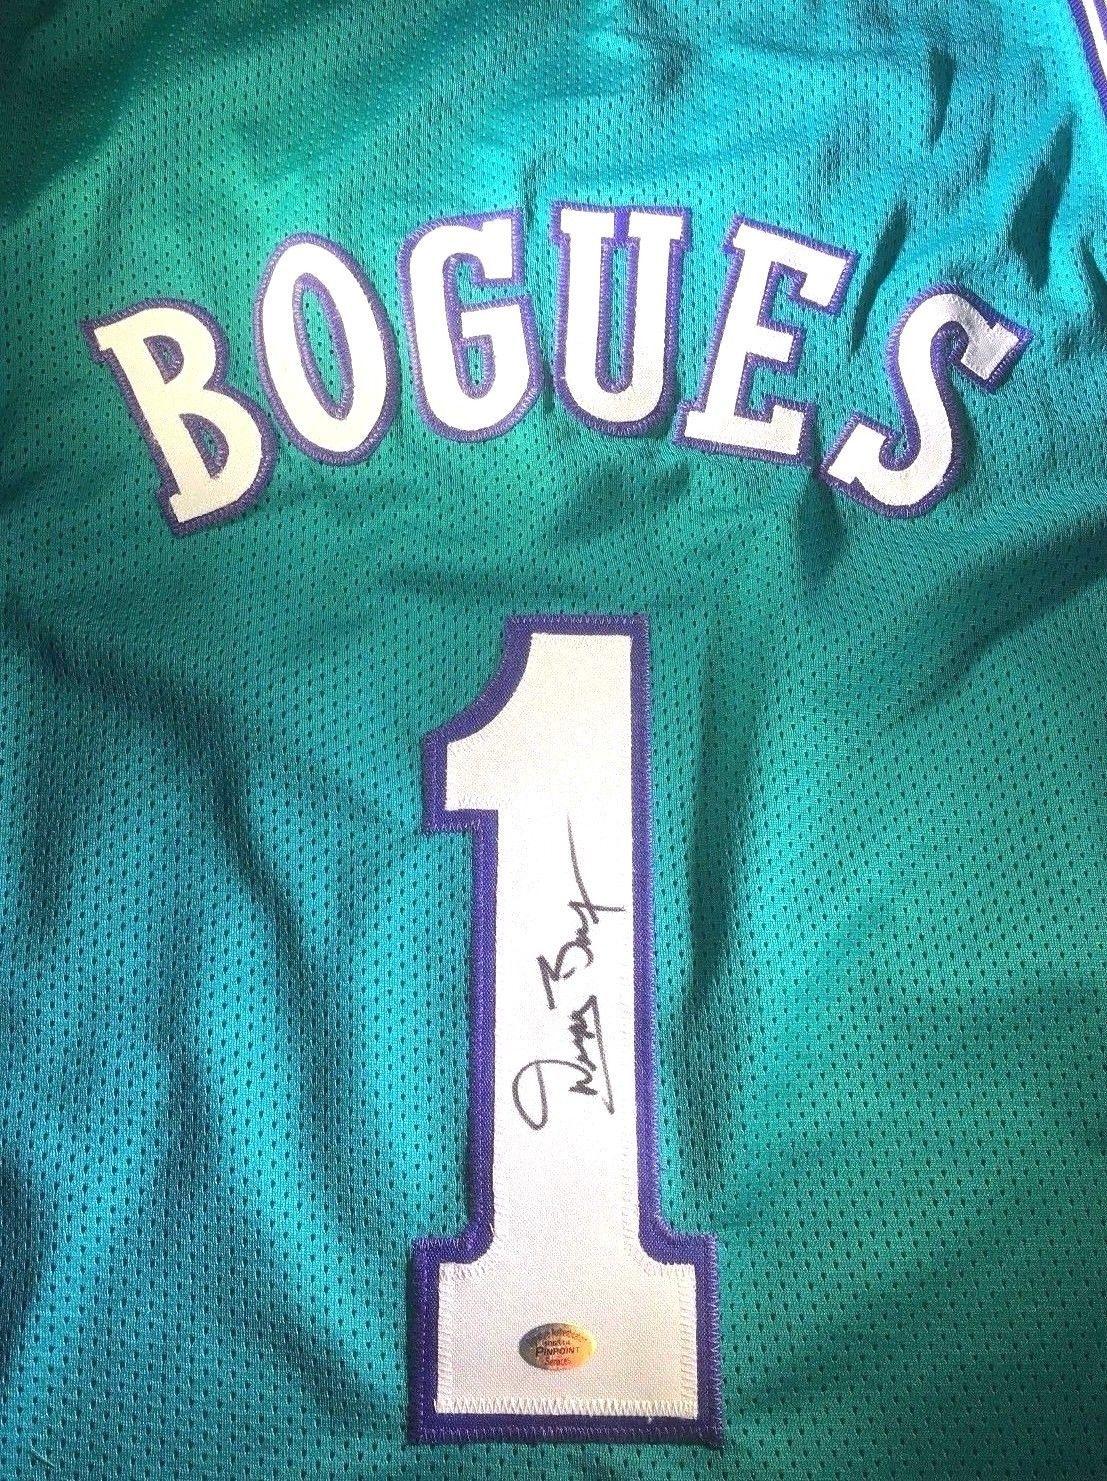 8d804de43 muggsy bogues jersey for sale